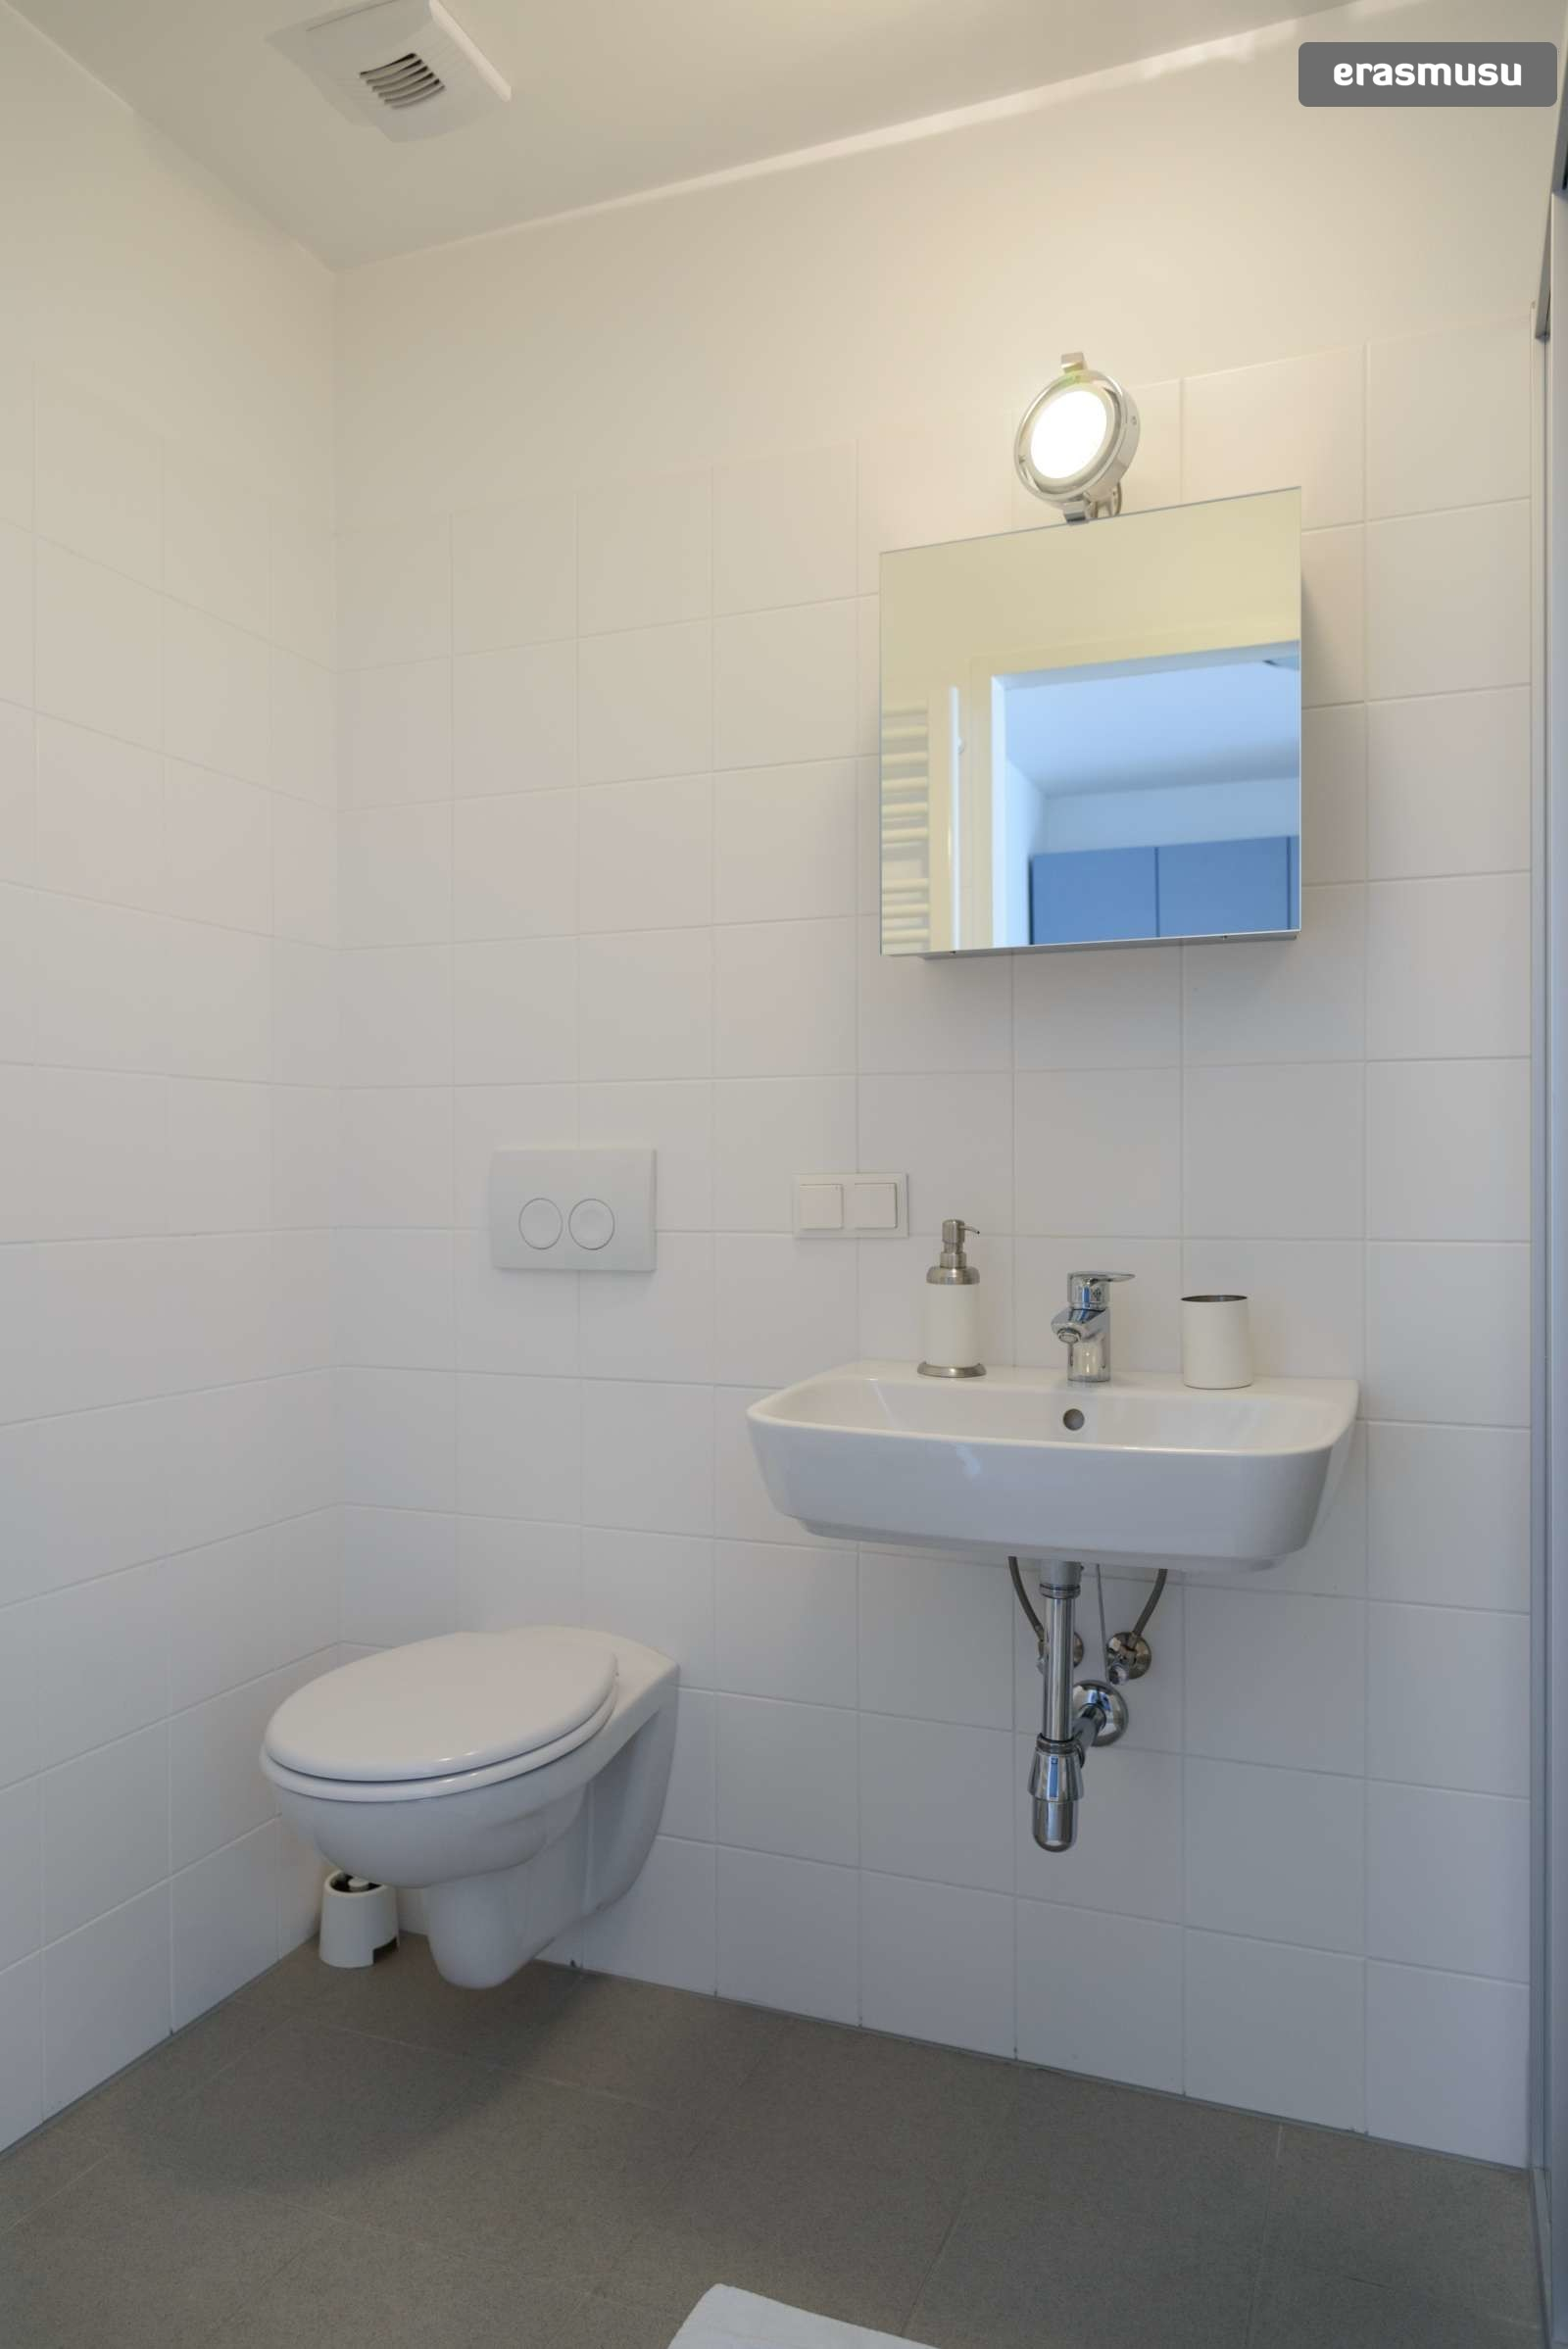 spacious-studio-apartment-rent-aspern-area-donaustadt-d8443ad626